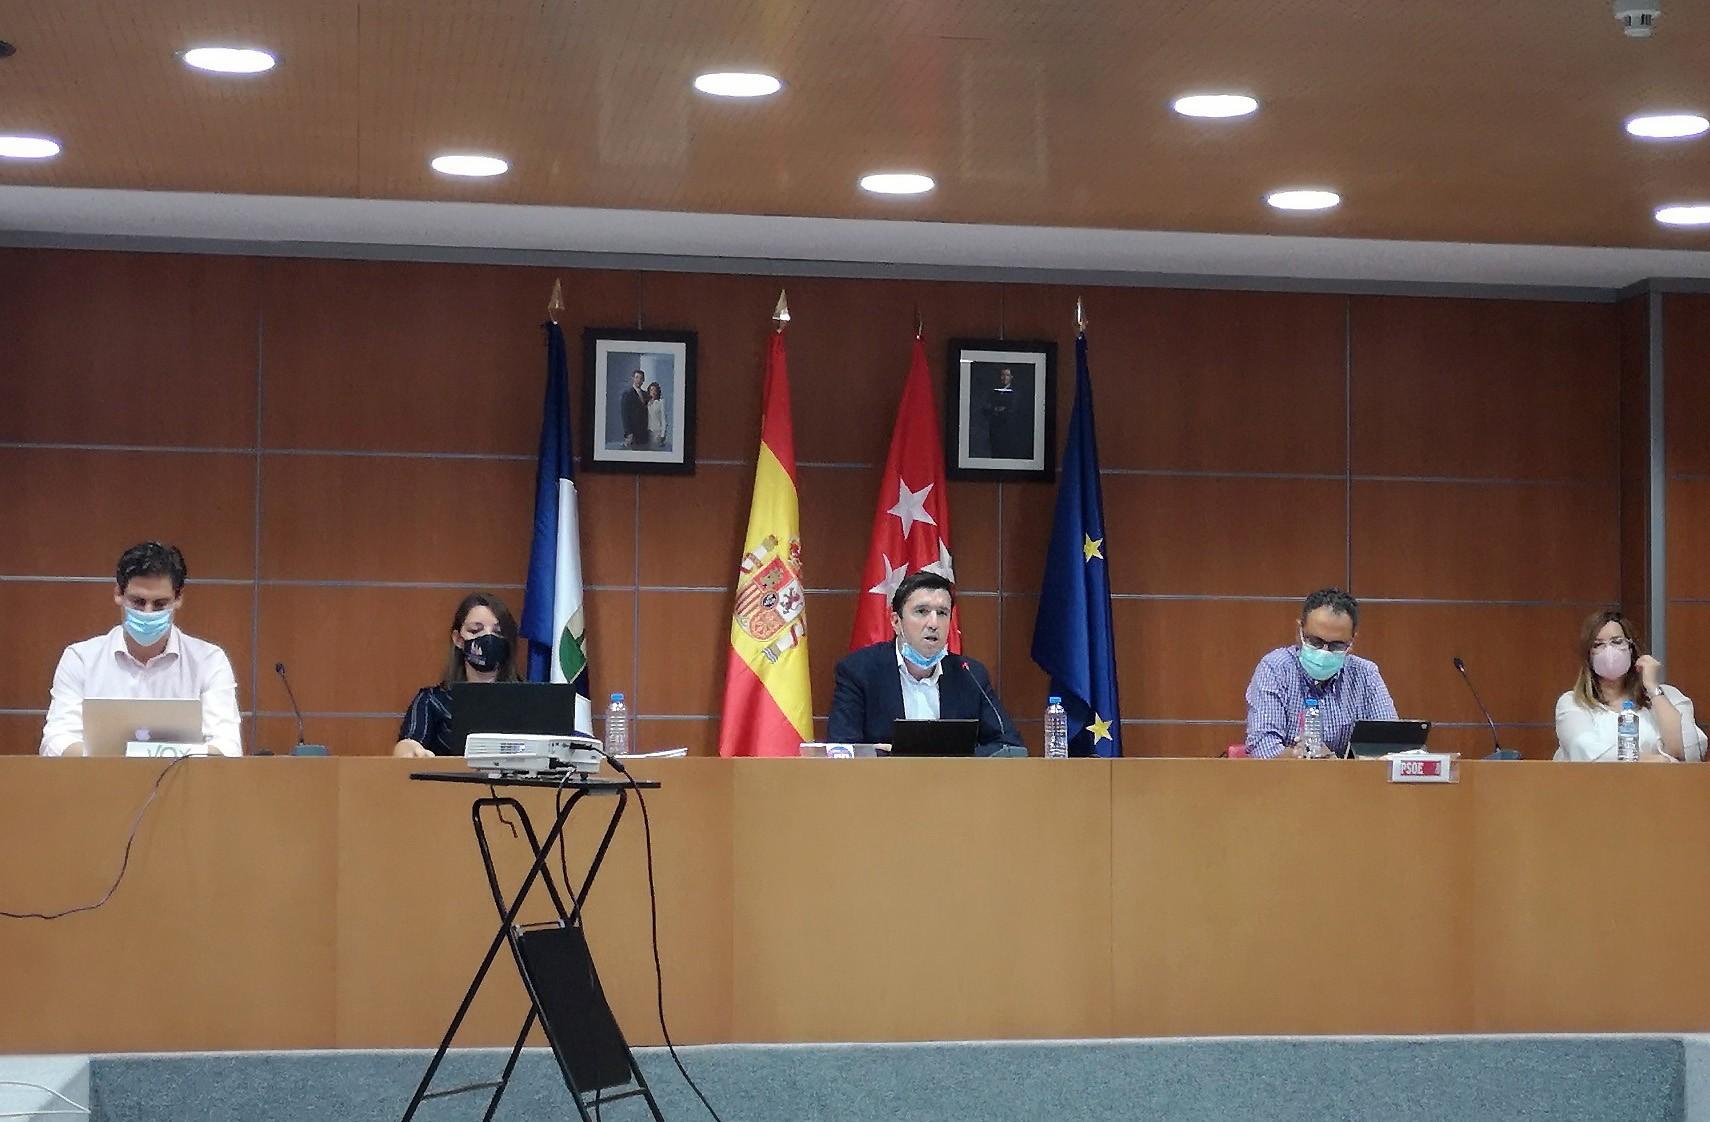 El Ayuntamiento aprueba su Plan Económico-Financiero, imprescindible para avanzar en la tramitación de las ayudas sociales previstas para familias, autónomos y pymes